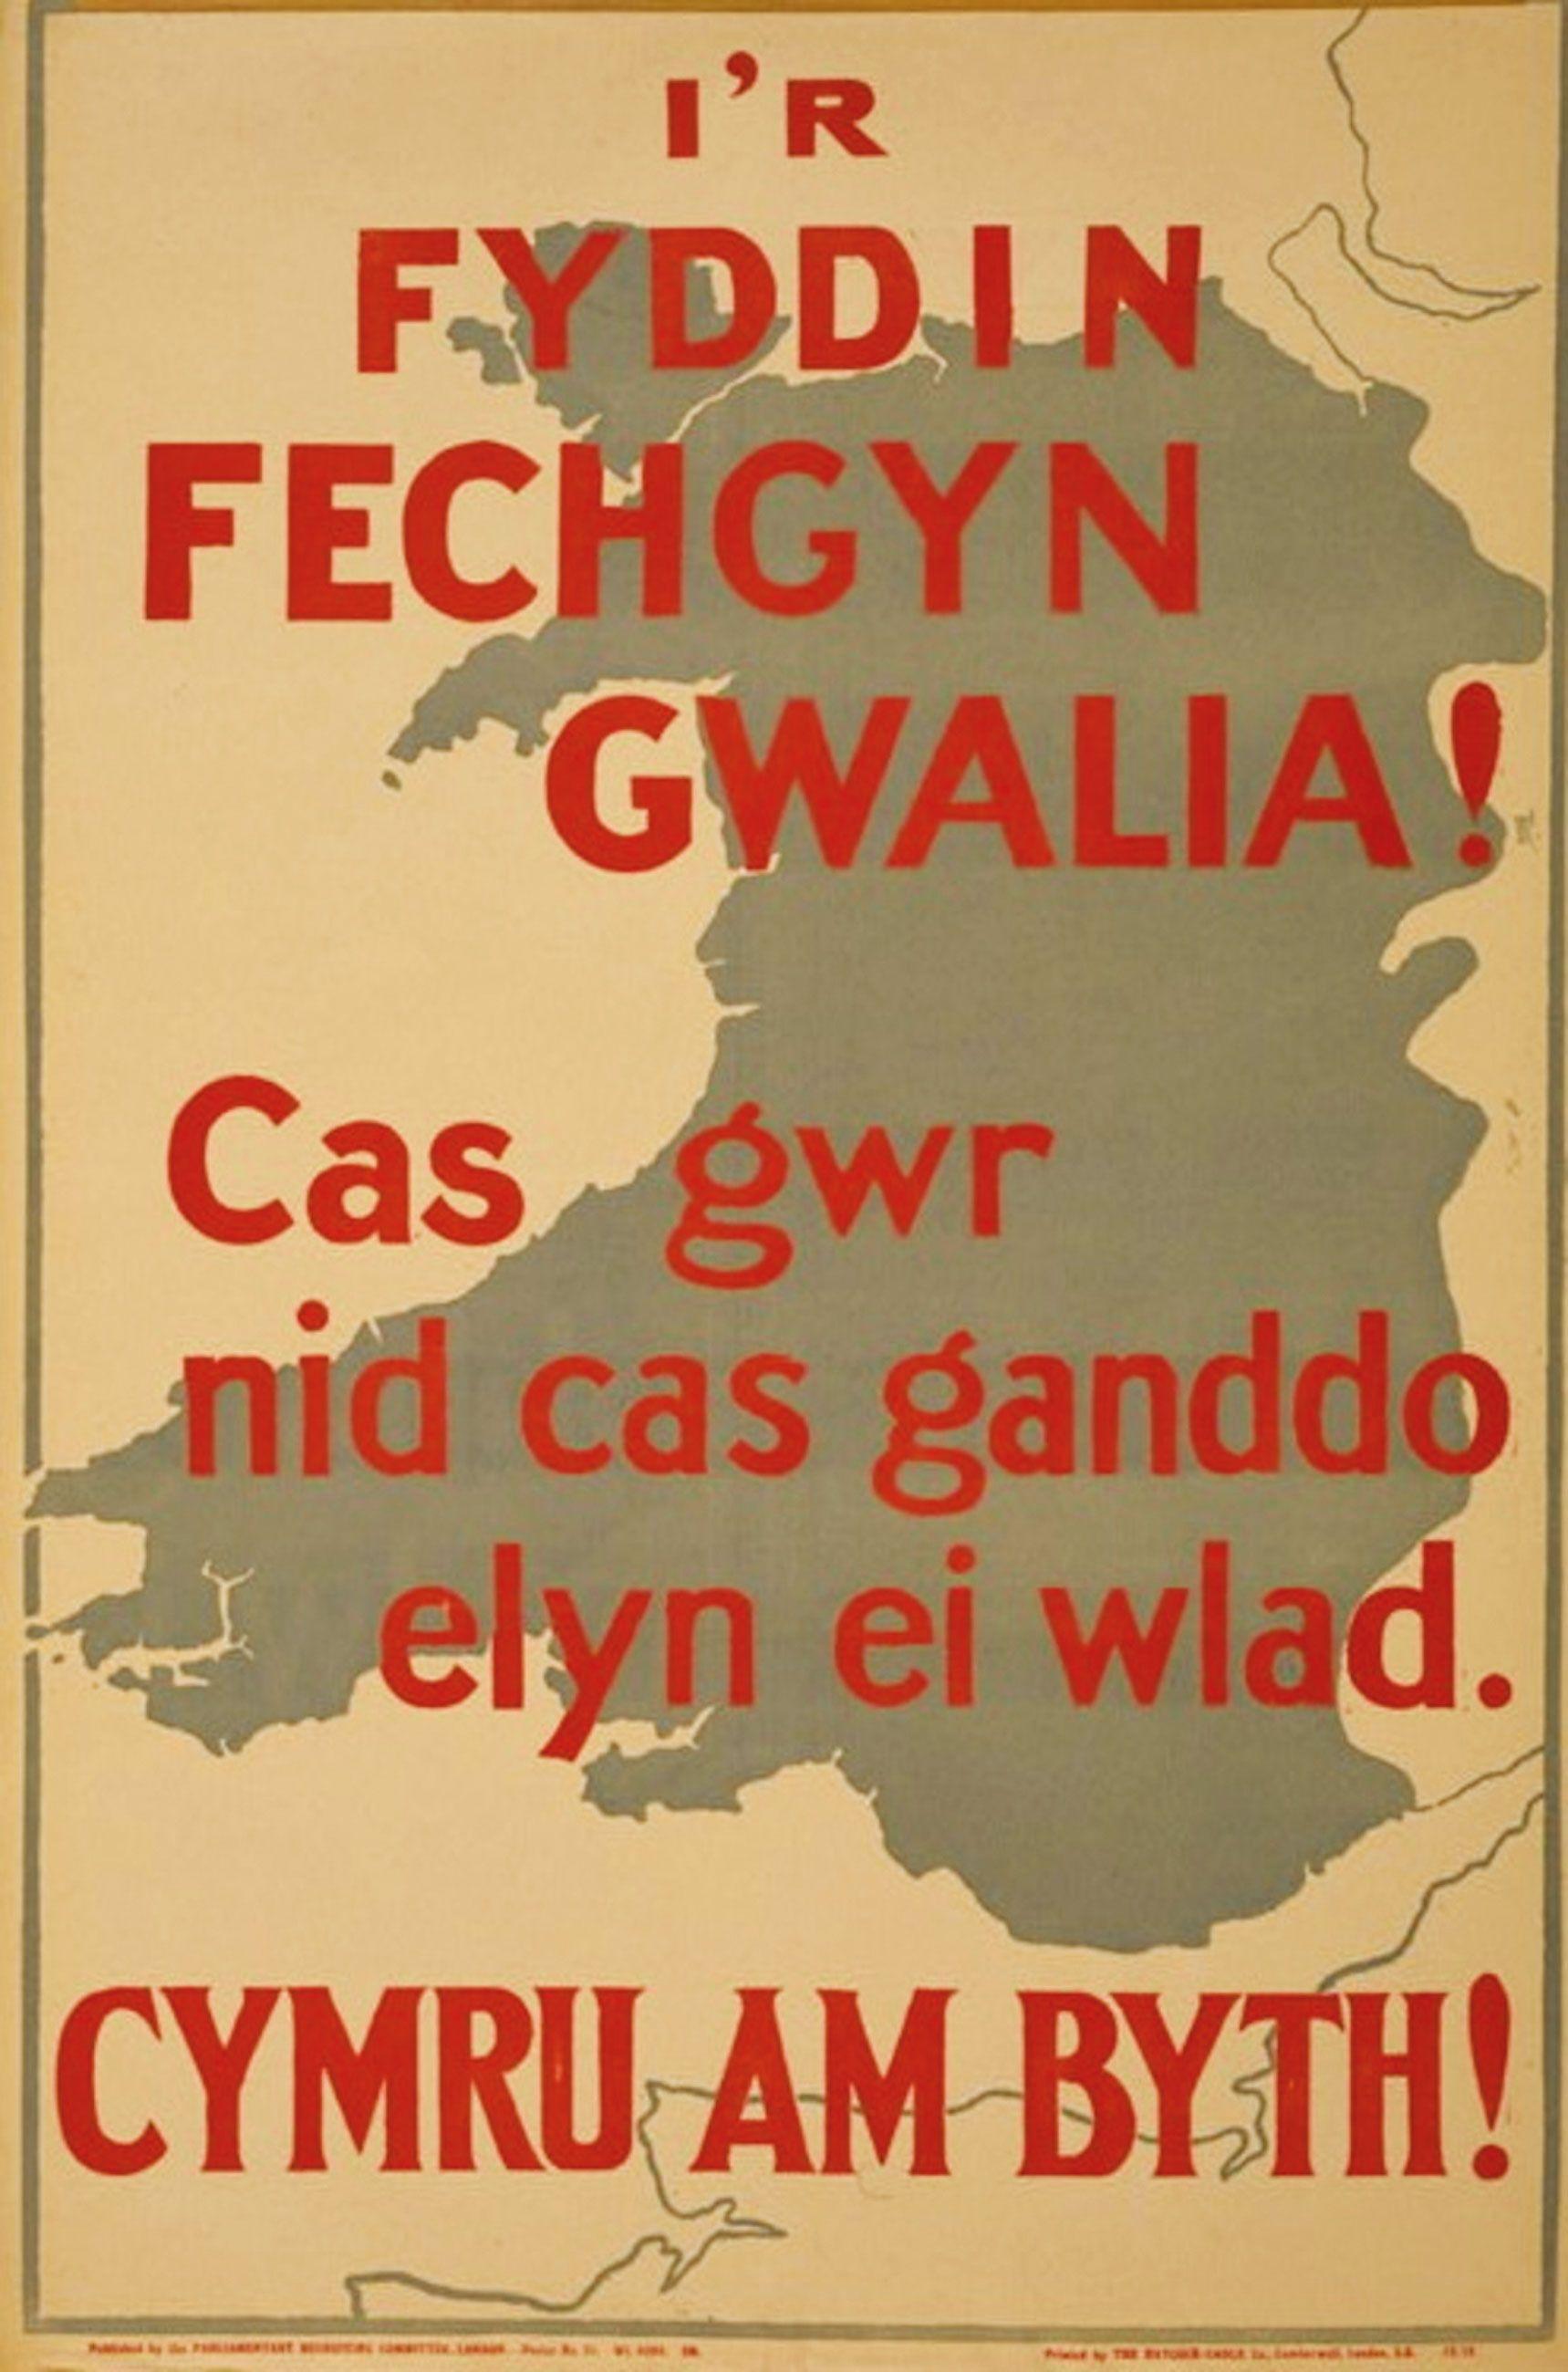 Fonte: I'r fyddin fechgyn gwalia! Cas gwr nid cas ganddo elyn ei wlad. Cymru am byth!, Parliamentary Recruiting Committee, Haycock-Cadle Co., London 1915.